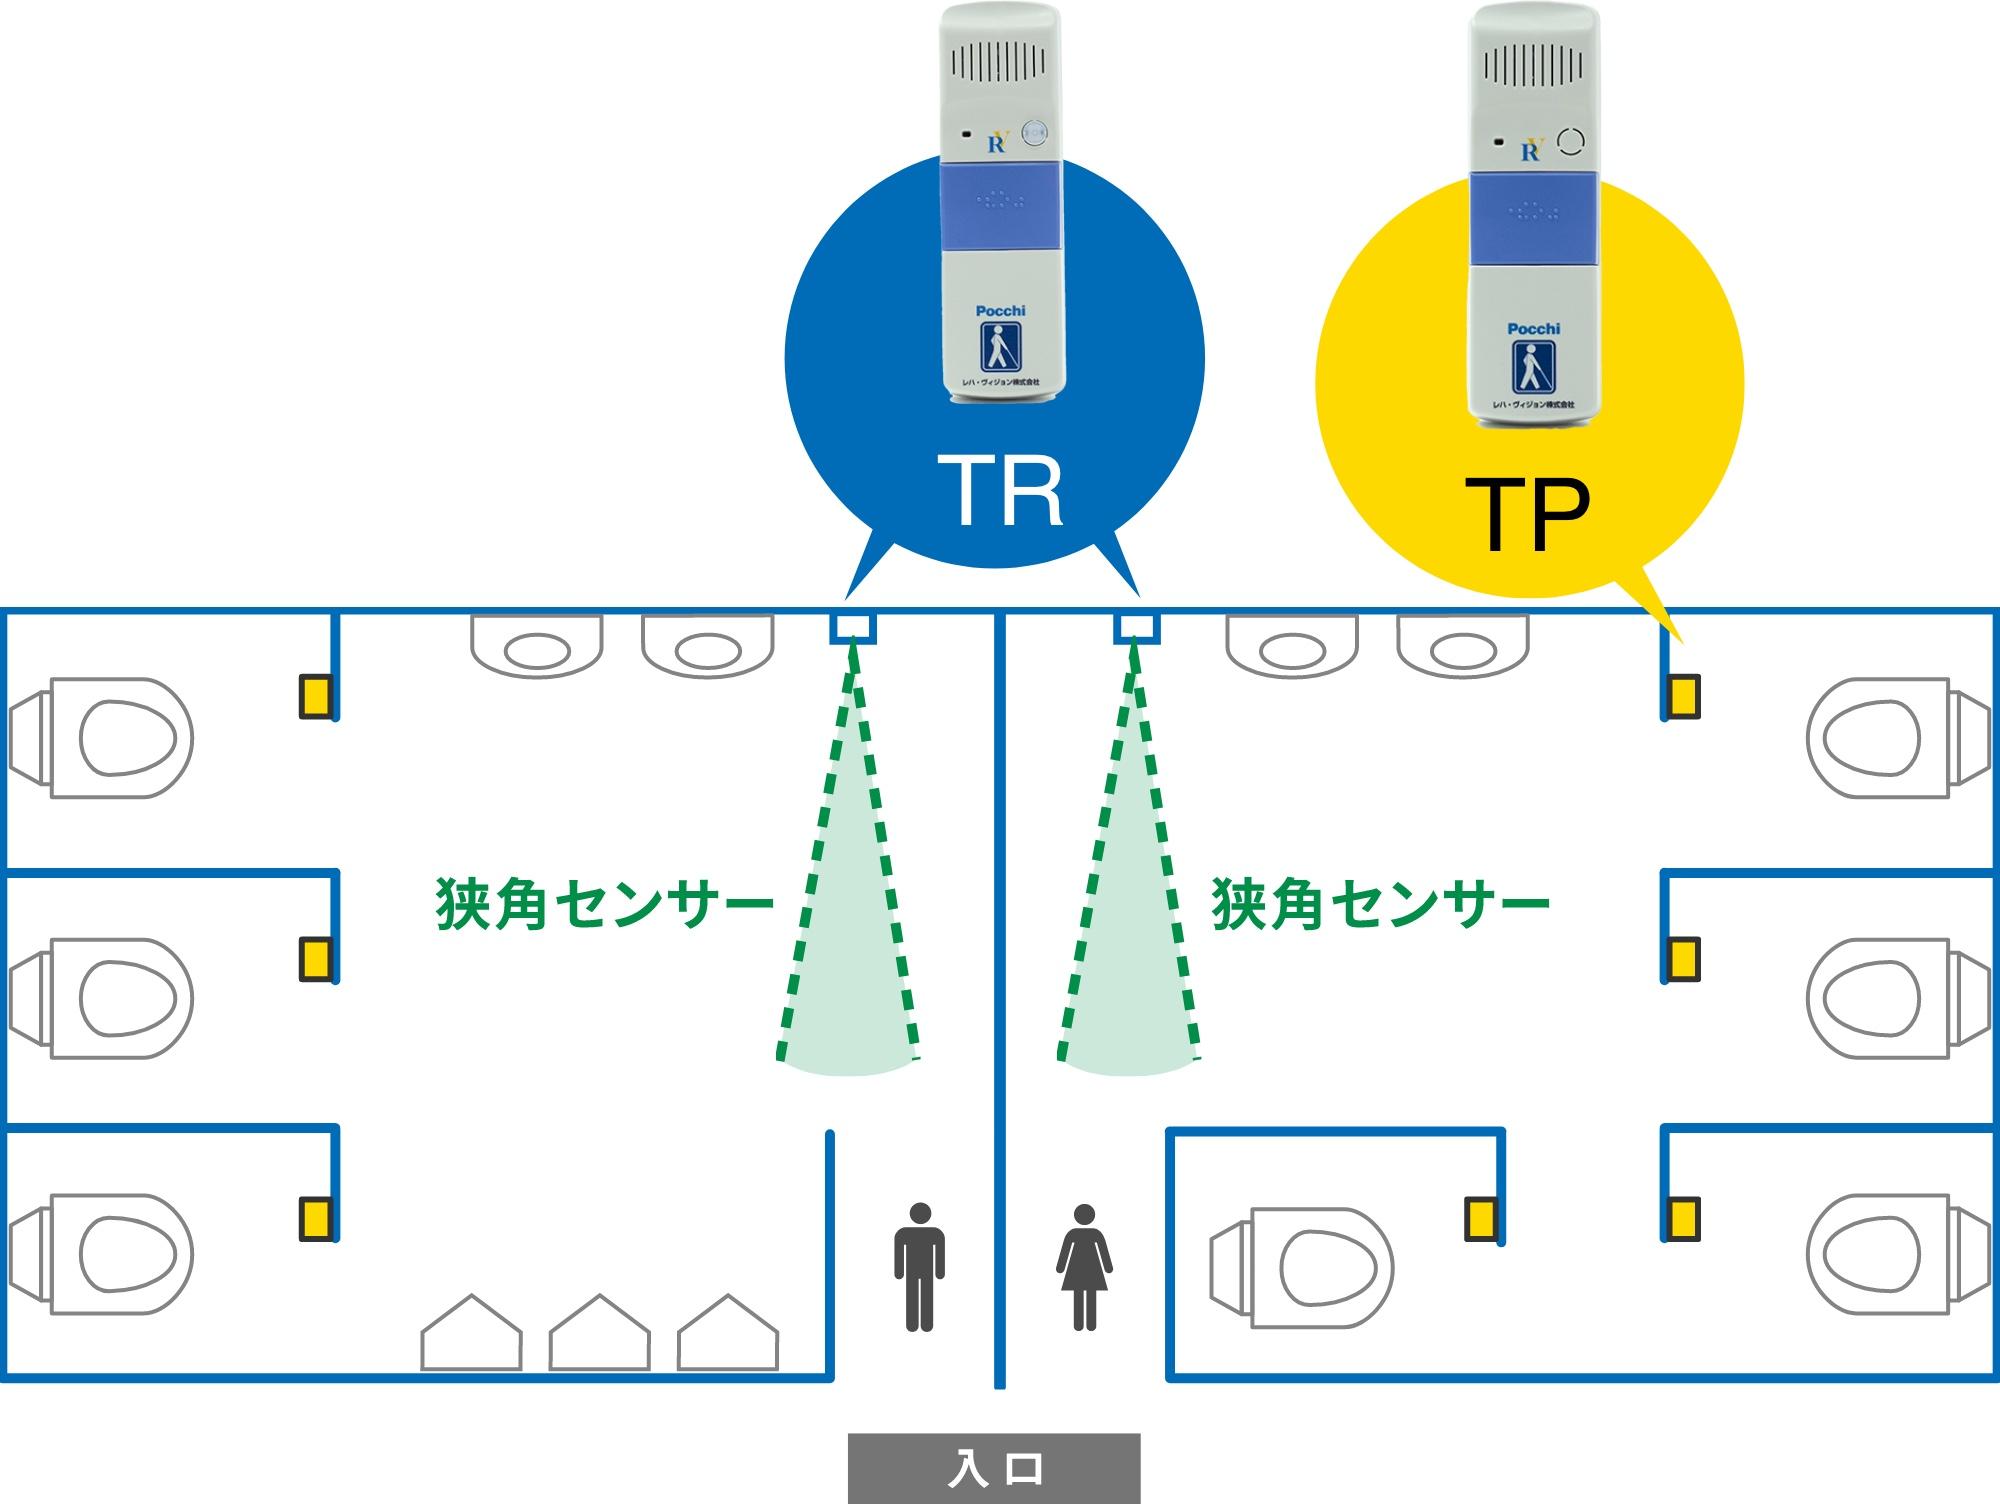 機器を設置する場合の解説図